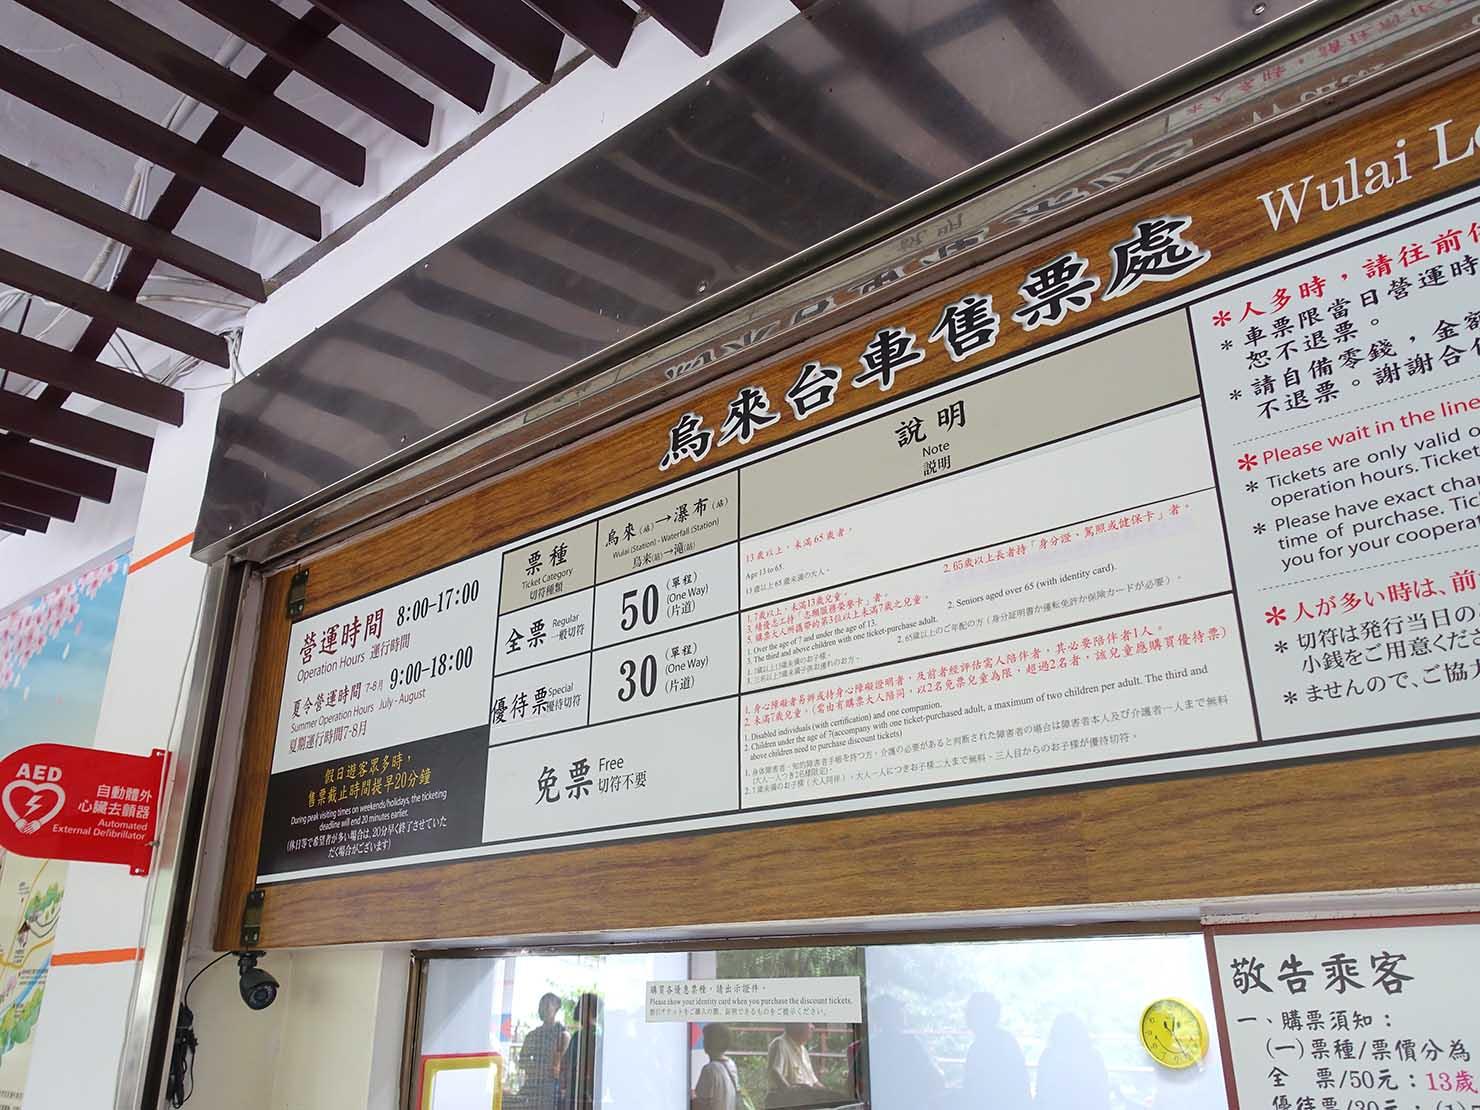 台北・烏來温泉のトロッコ列車料金表